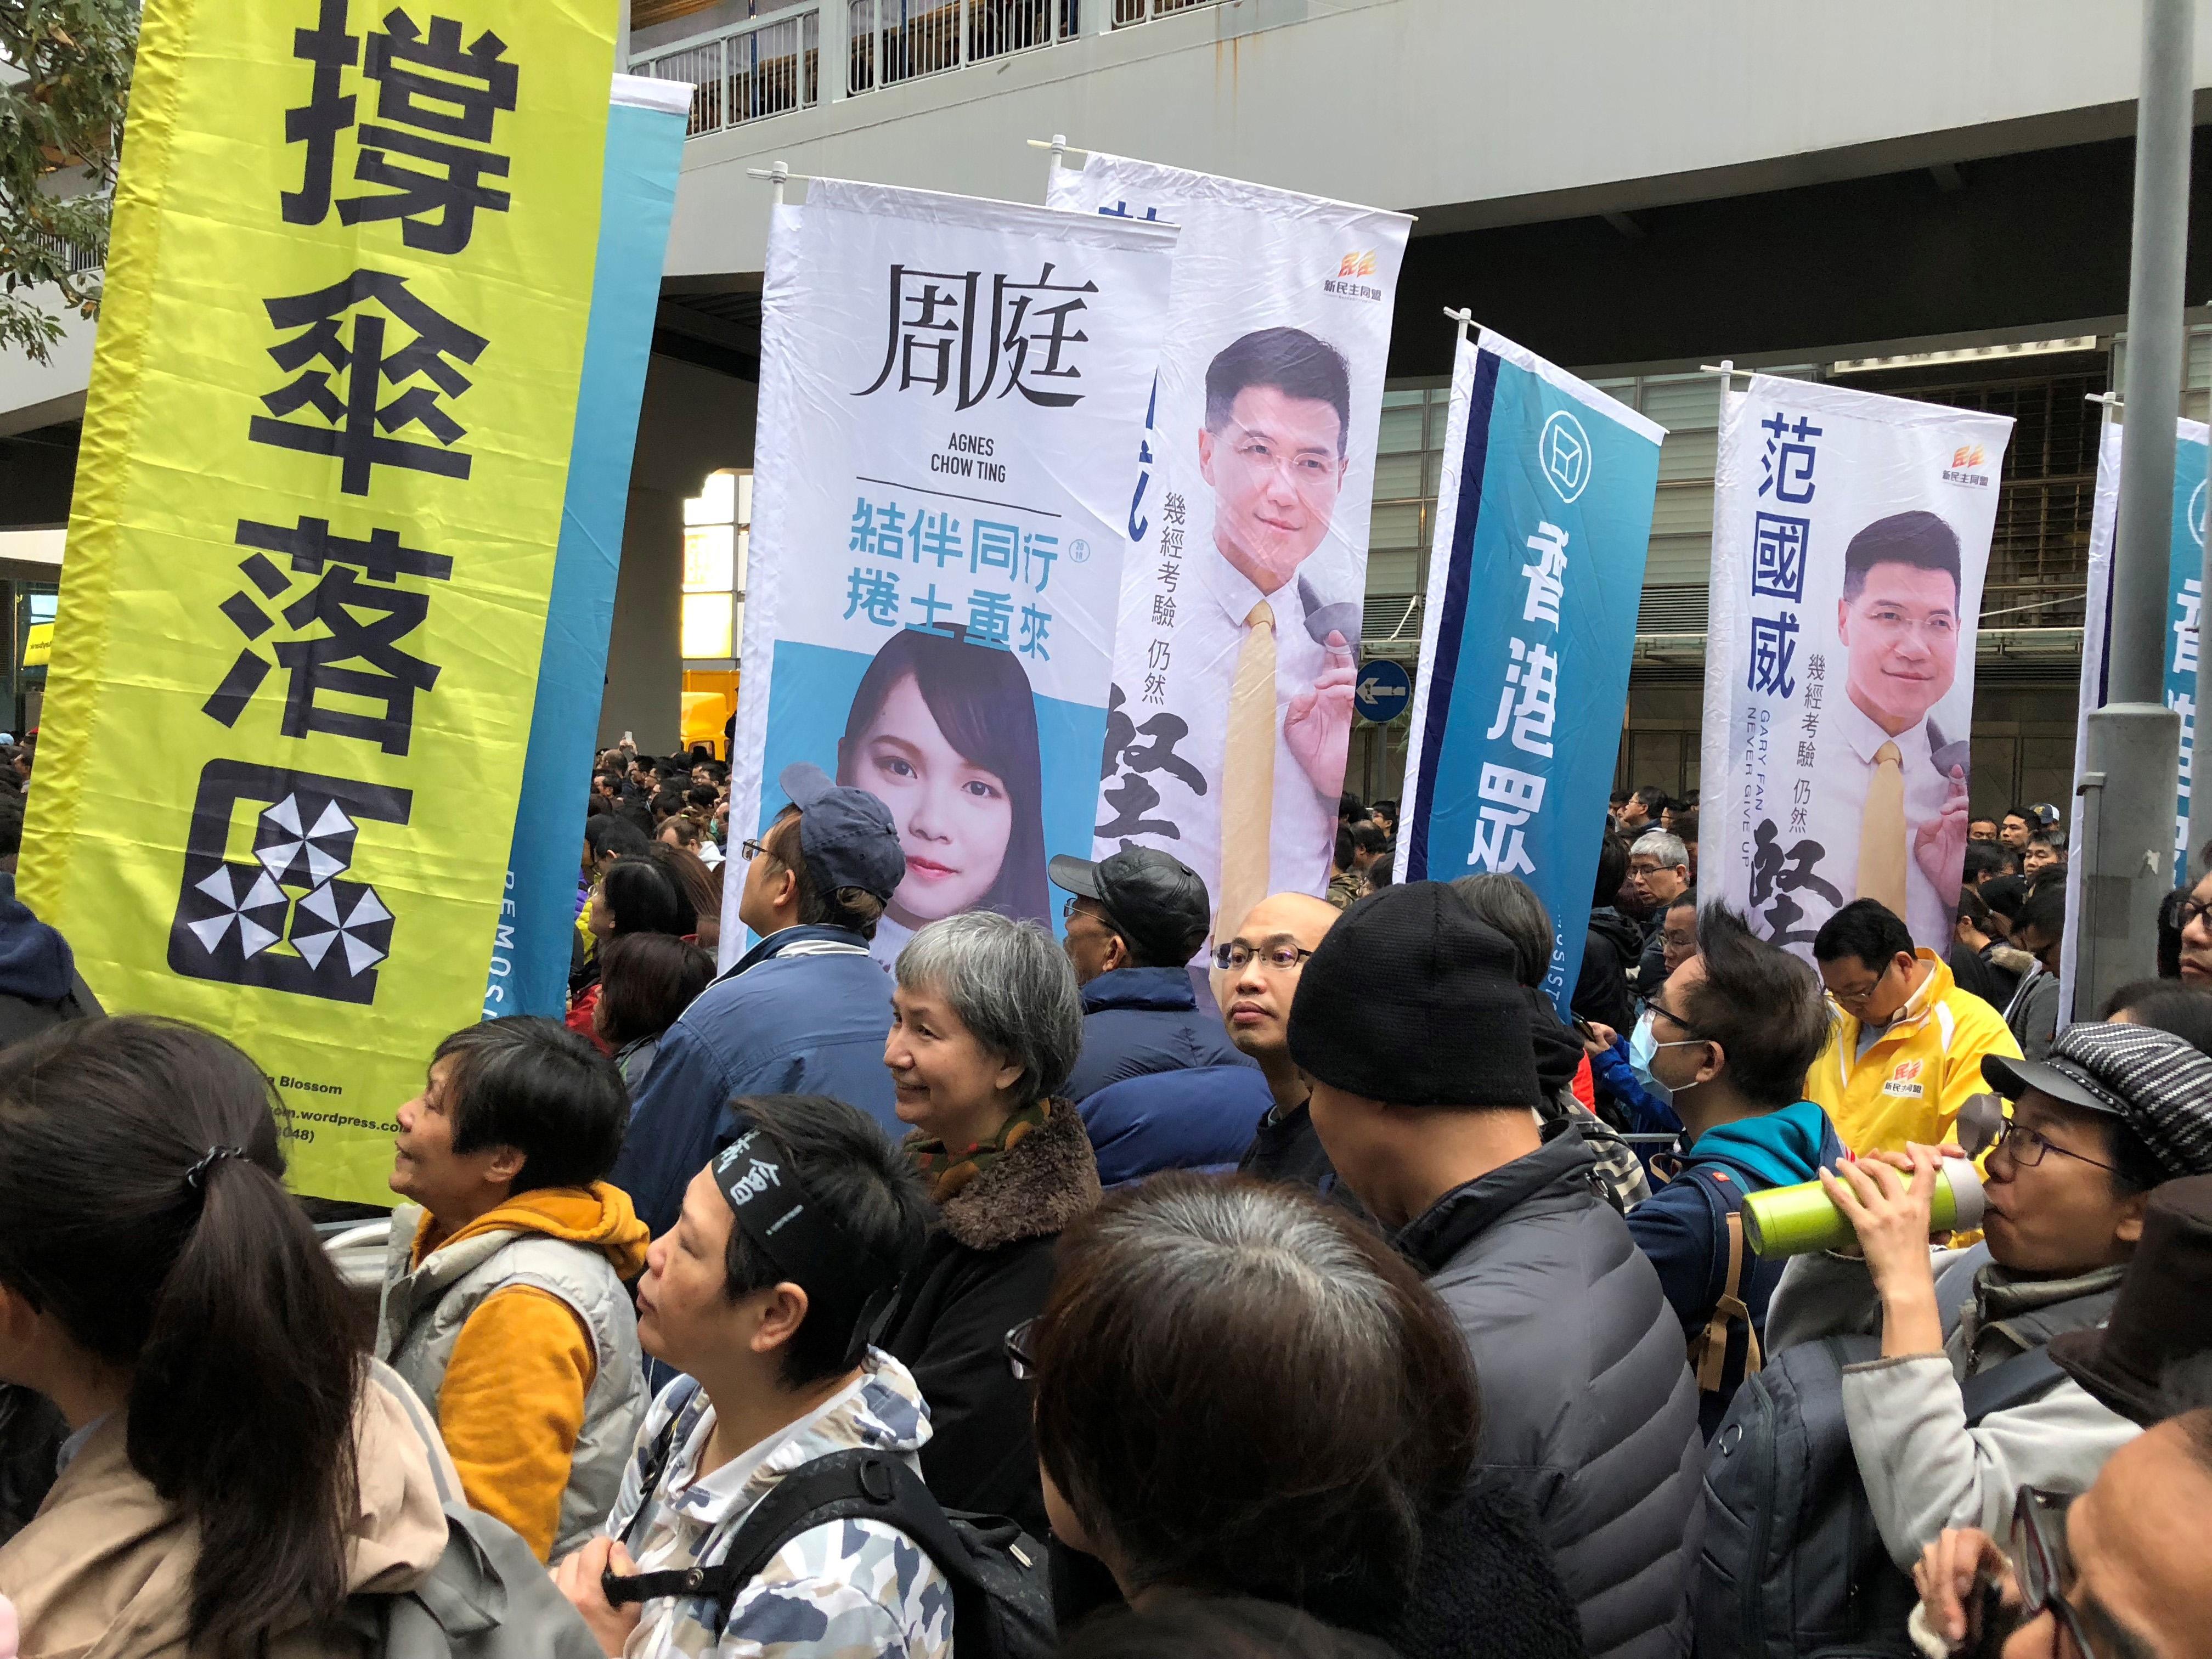 Hongkongissa osoitettiin mieltä, kun Agnes Chow'n ehdokkuus lainsäädäntöneuvoston täytevaaleissa evättiin.